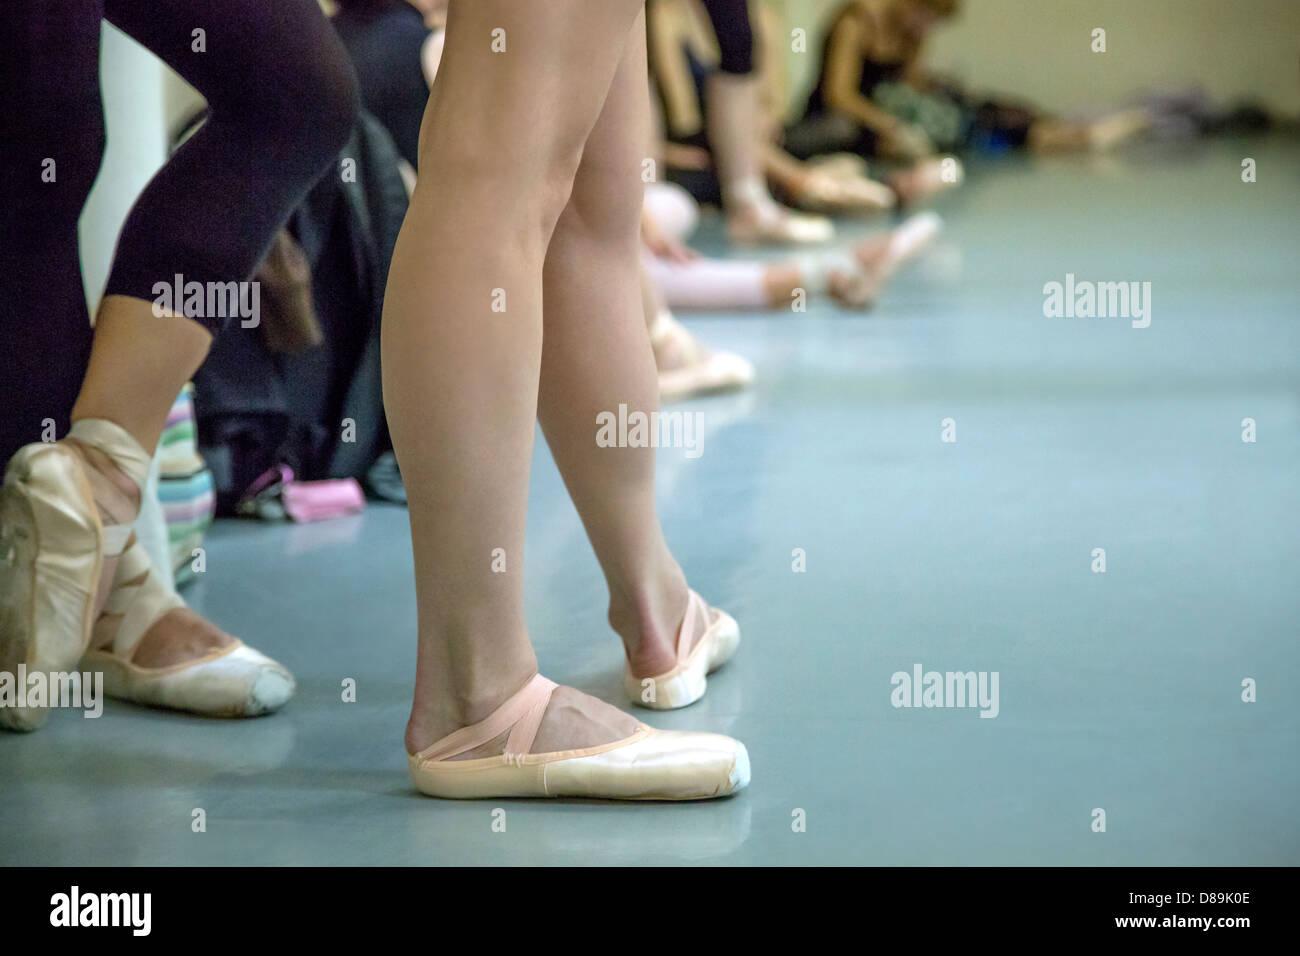 Several ballet dancers inside the studio - Stock Image